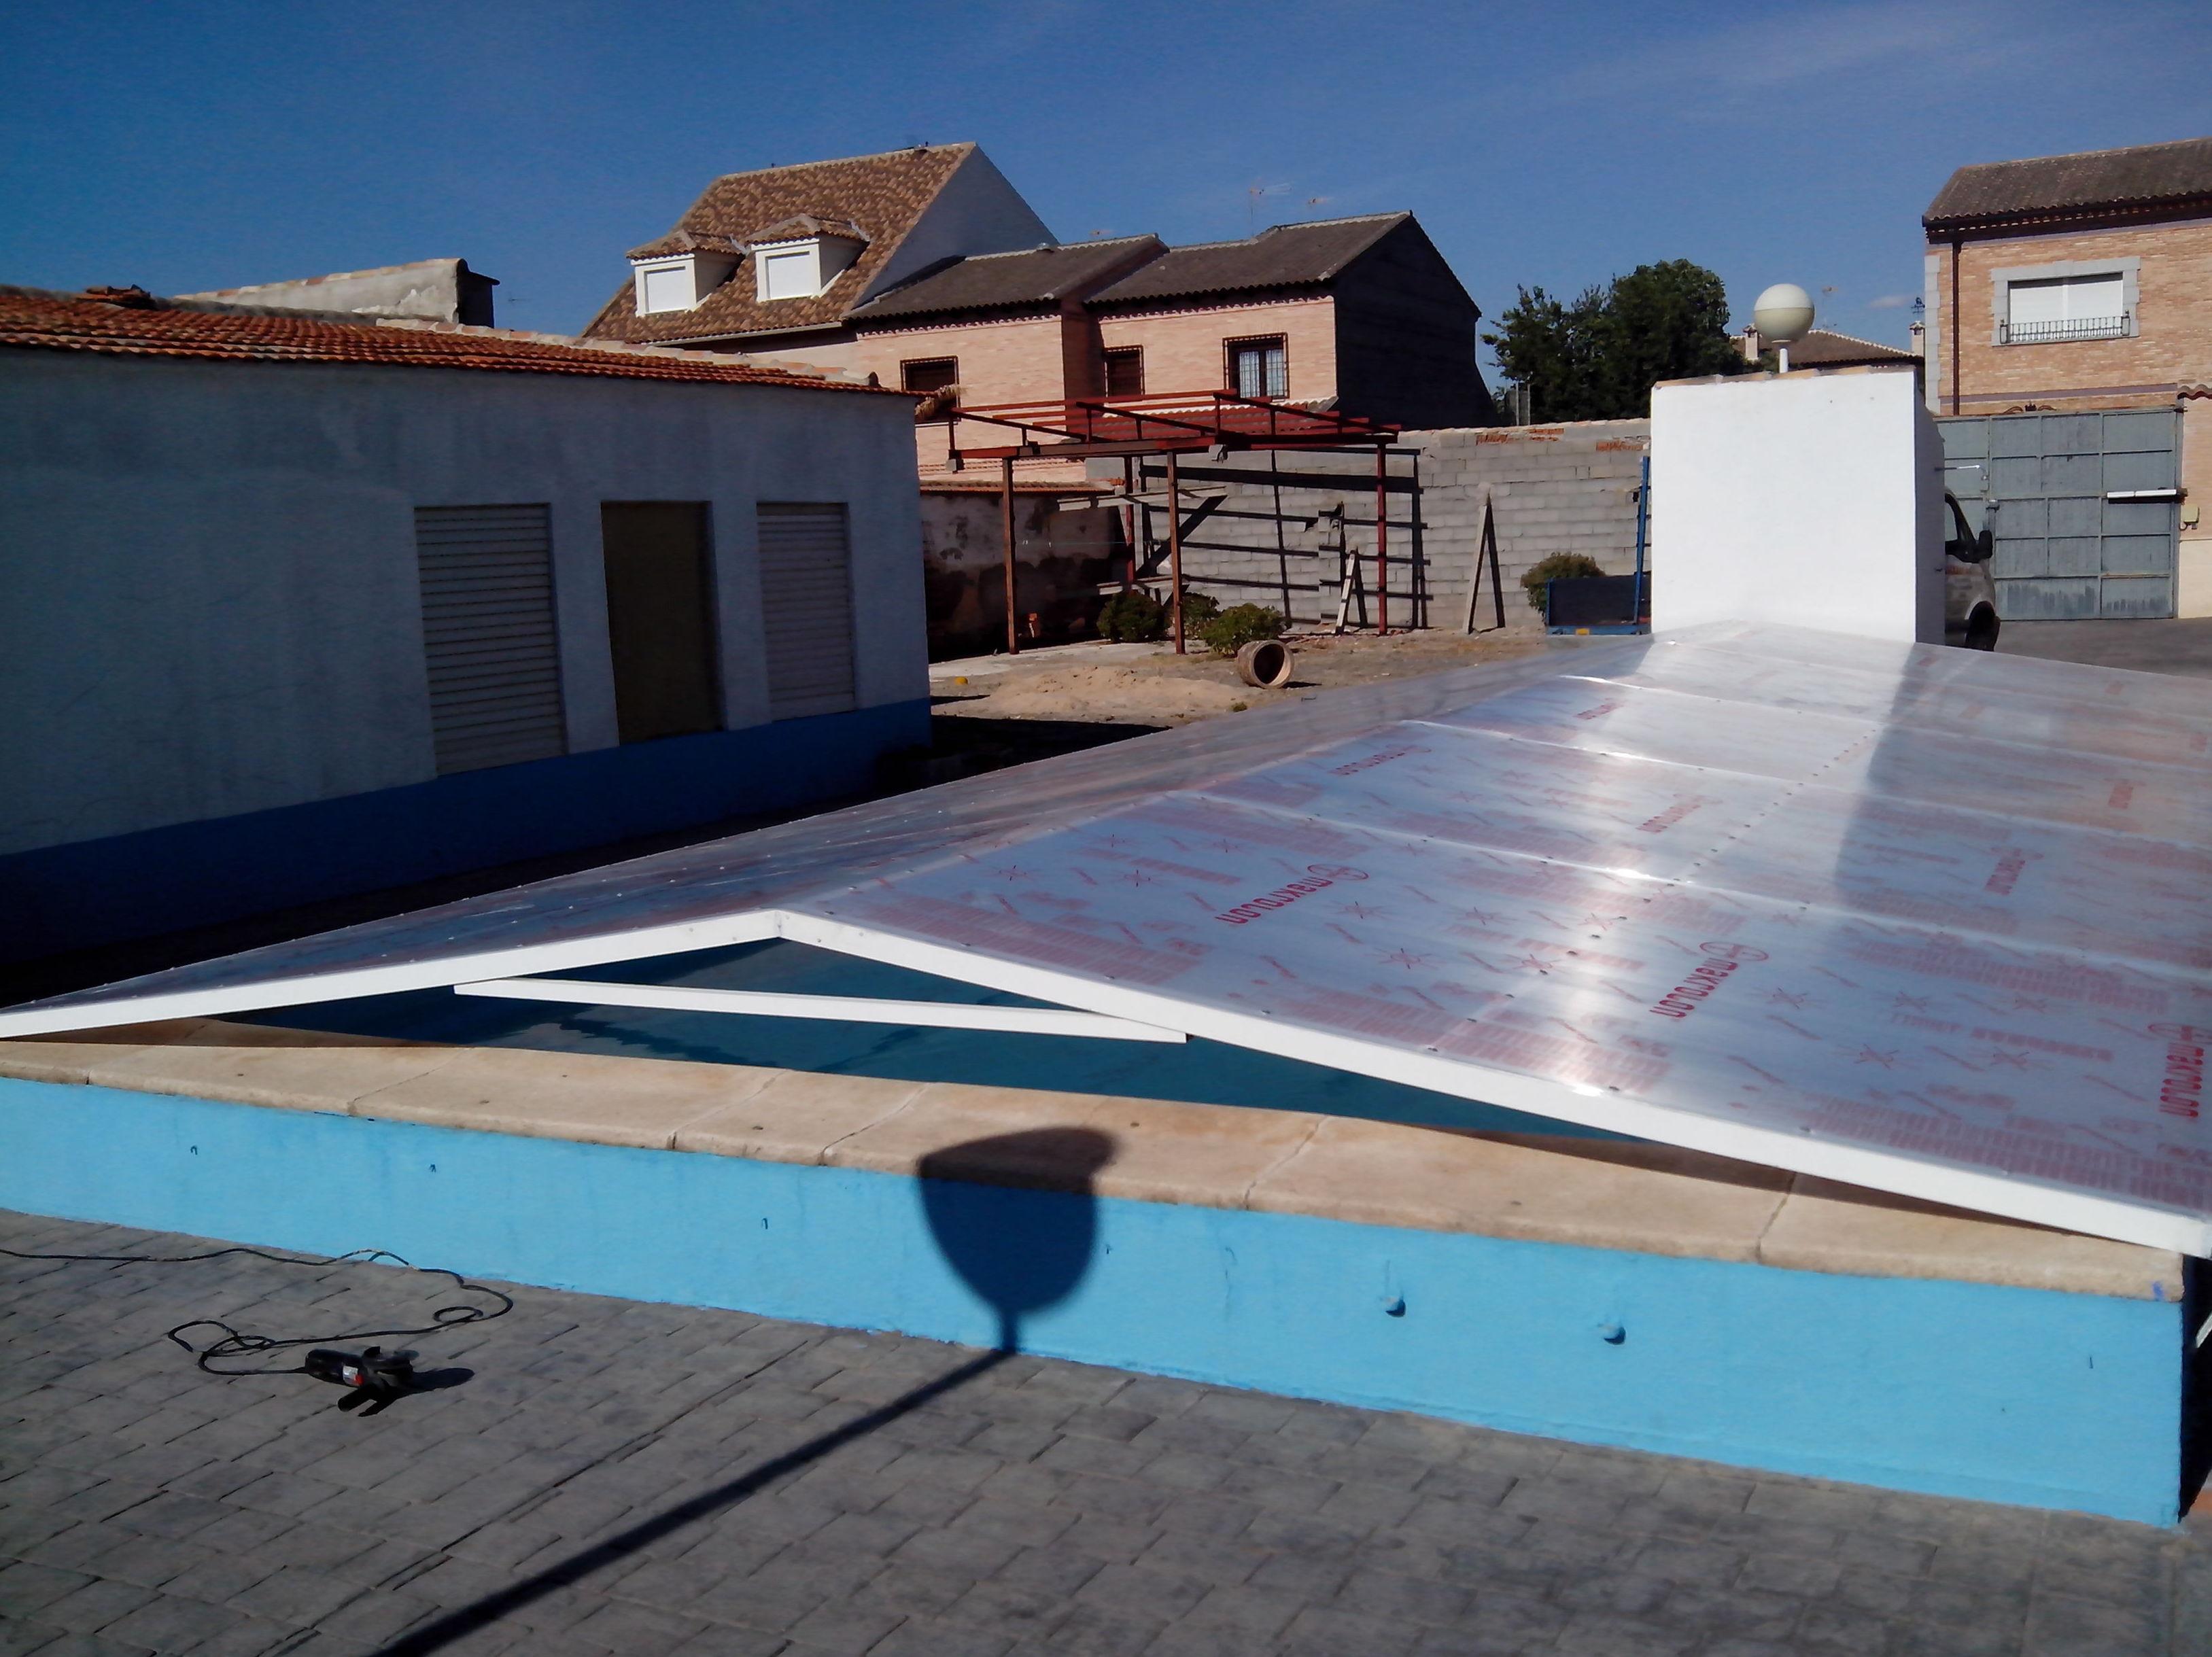 Una solución económica, para cubrir su piscina y poder aprovecharla mas tiempo durante todo el año